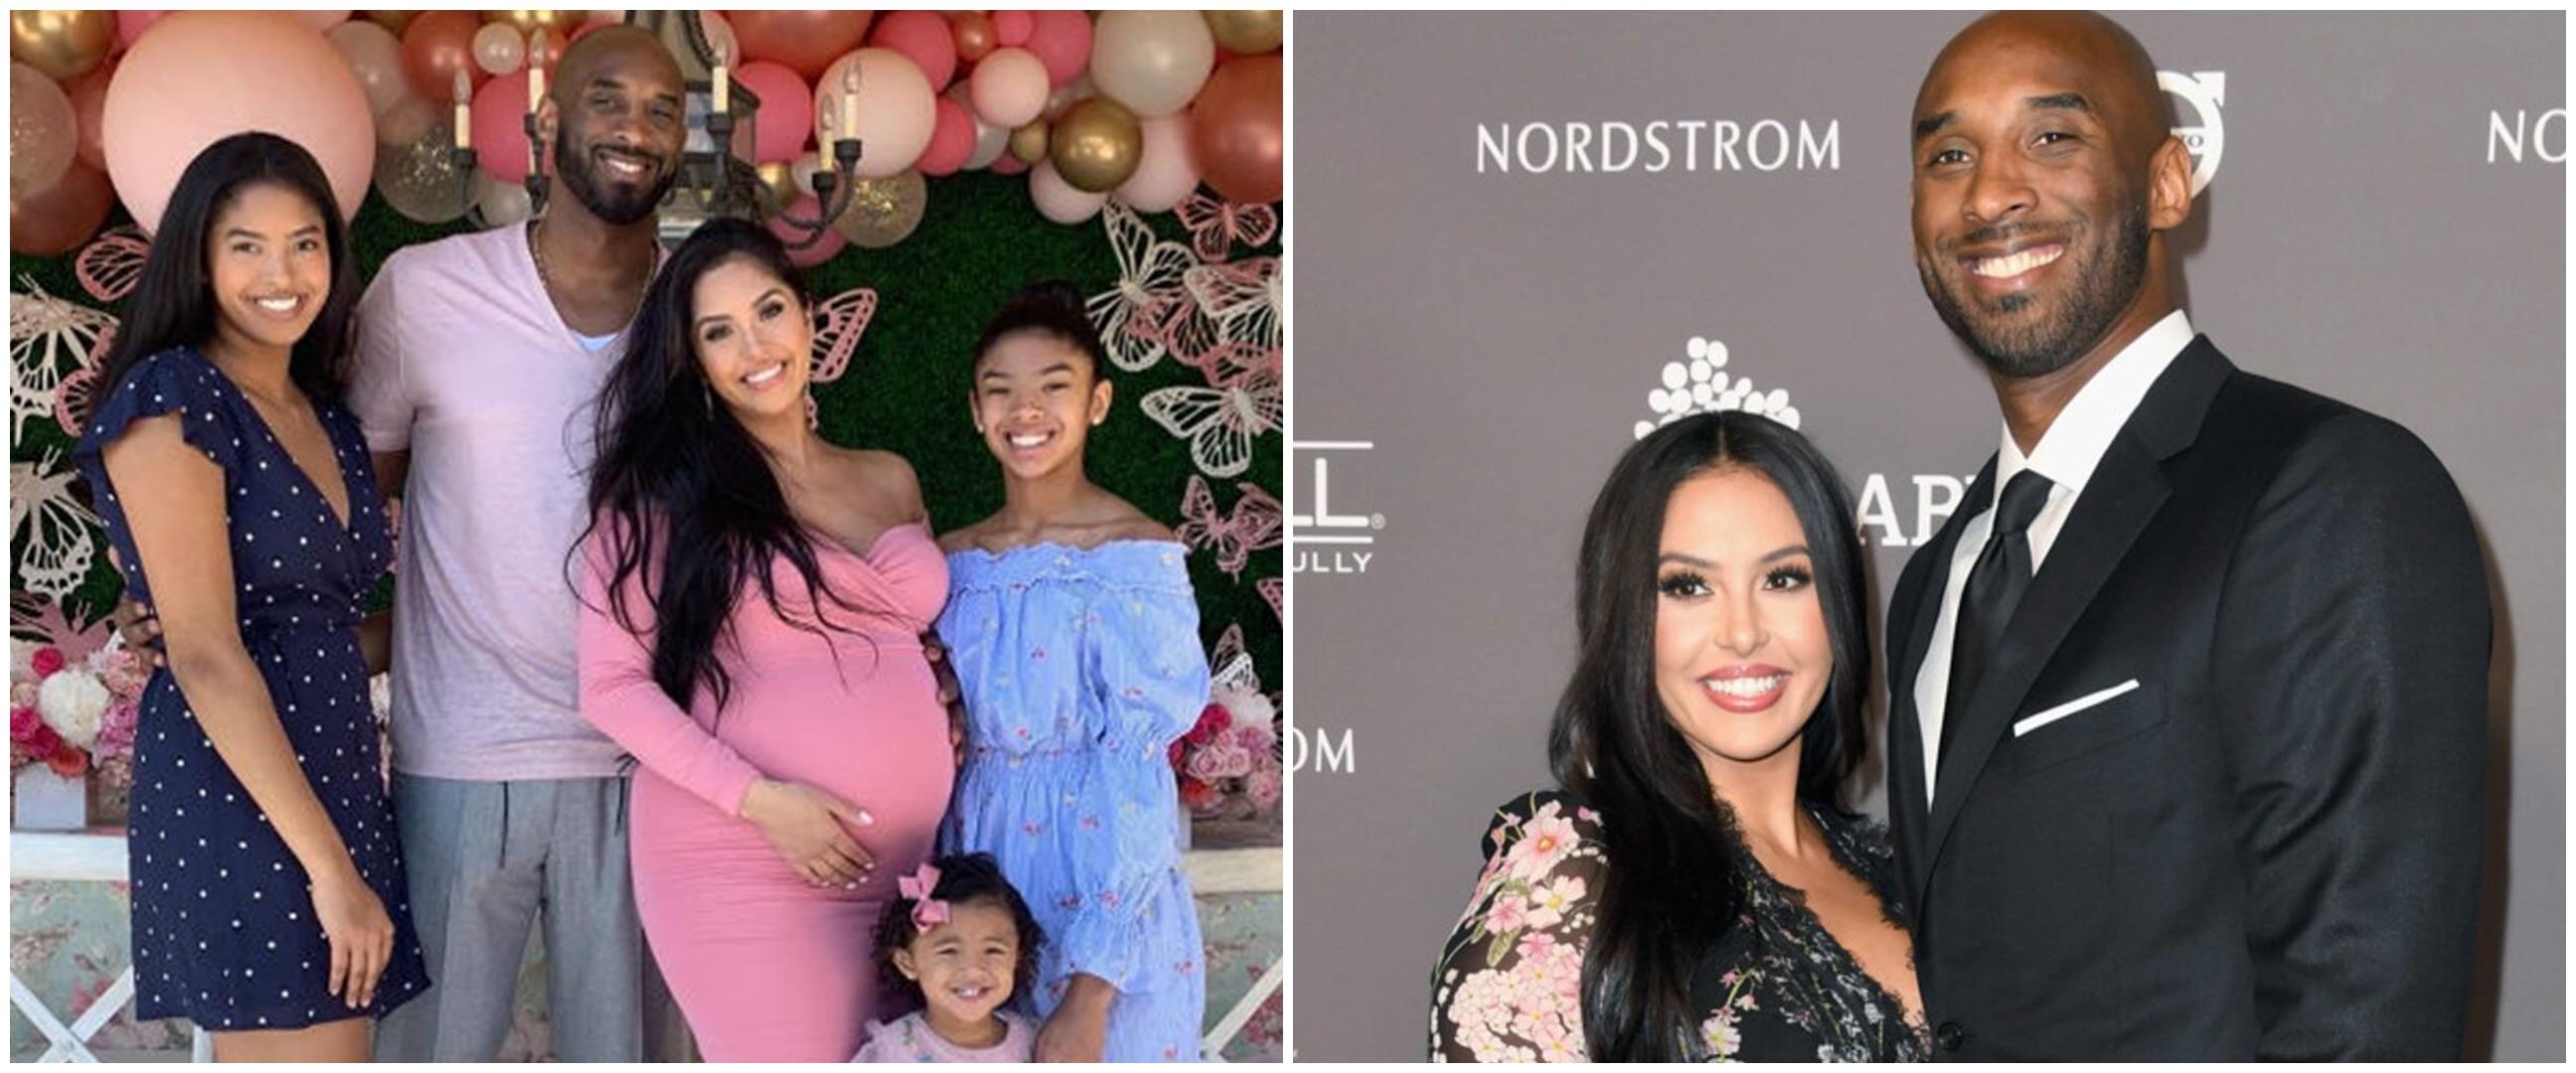 5 Fakta Vanessa istri Kobe Bryant, kehilangan suami & anak bersamaan